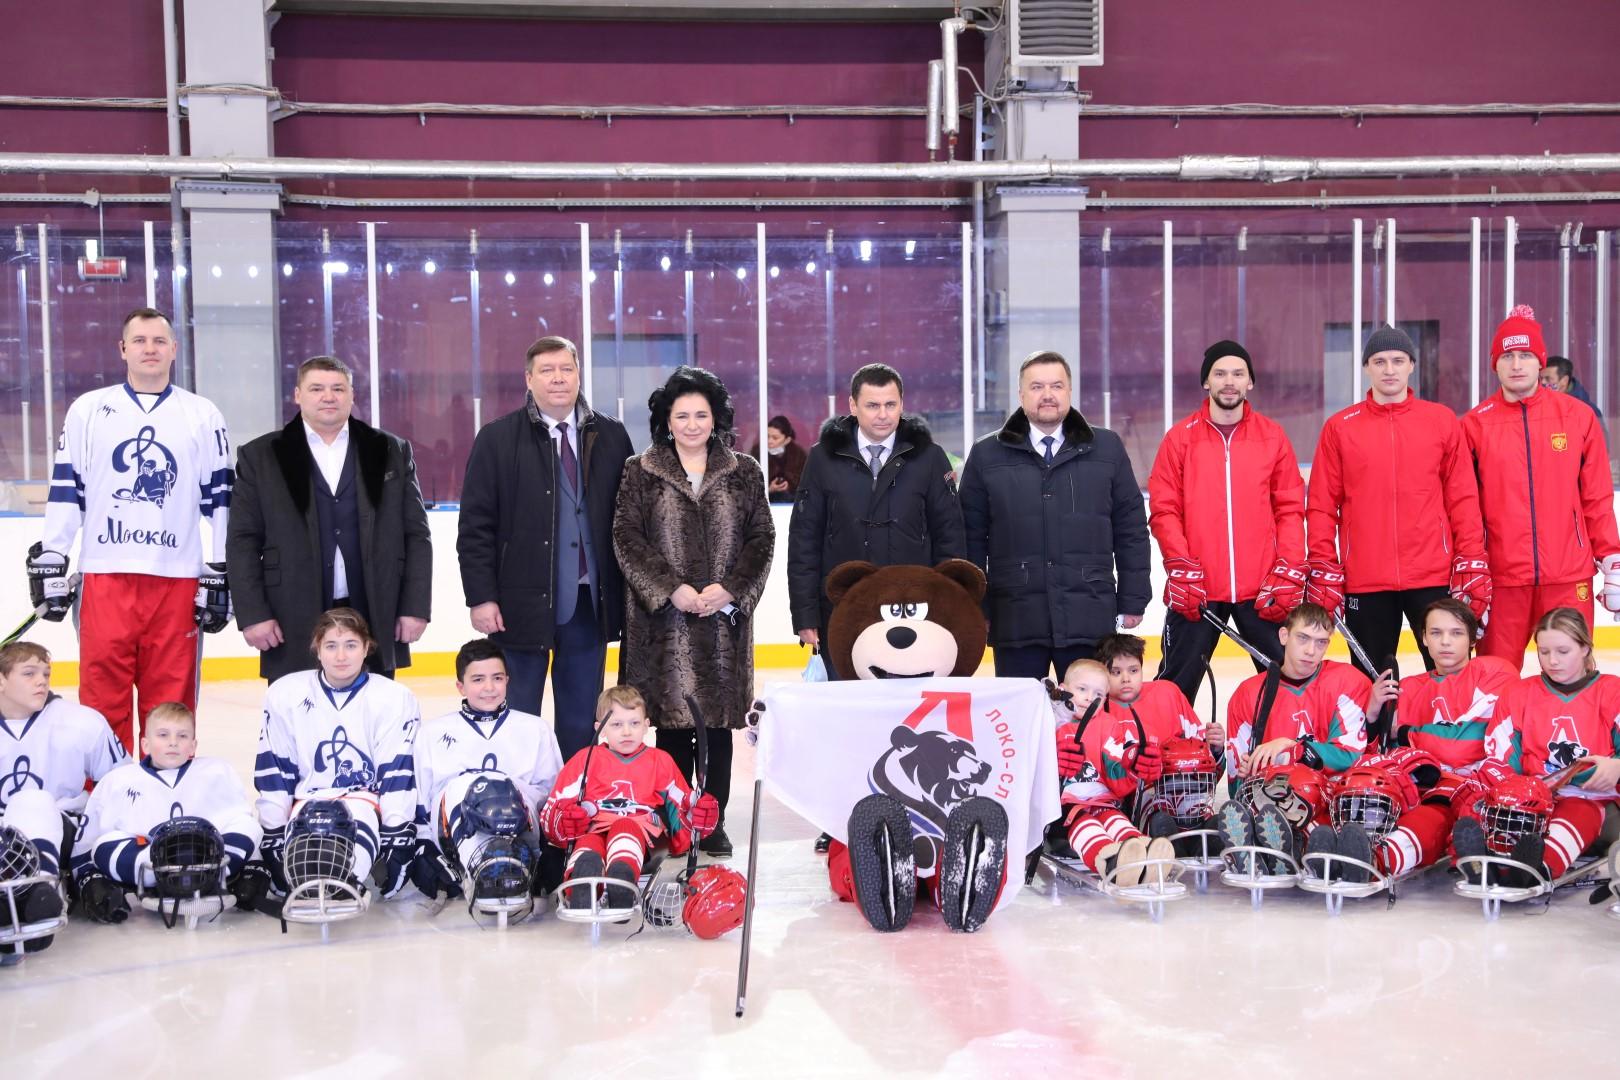 Дмитрий Миронов посетил первый в Ярославле матч по следж-хоккею